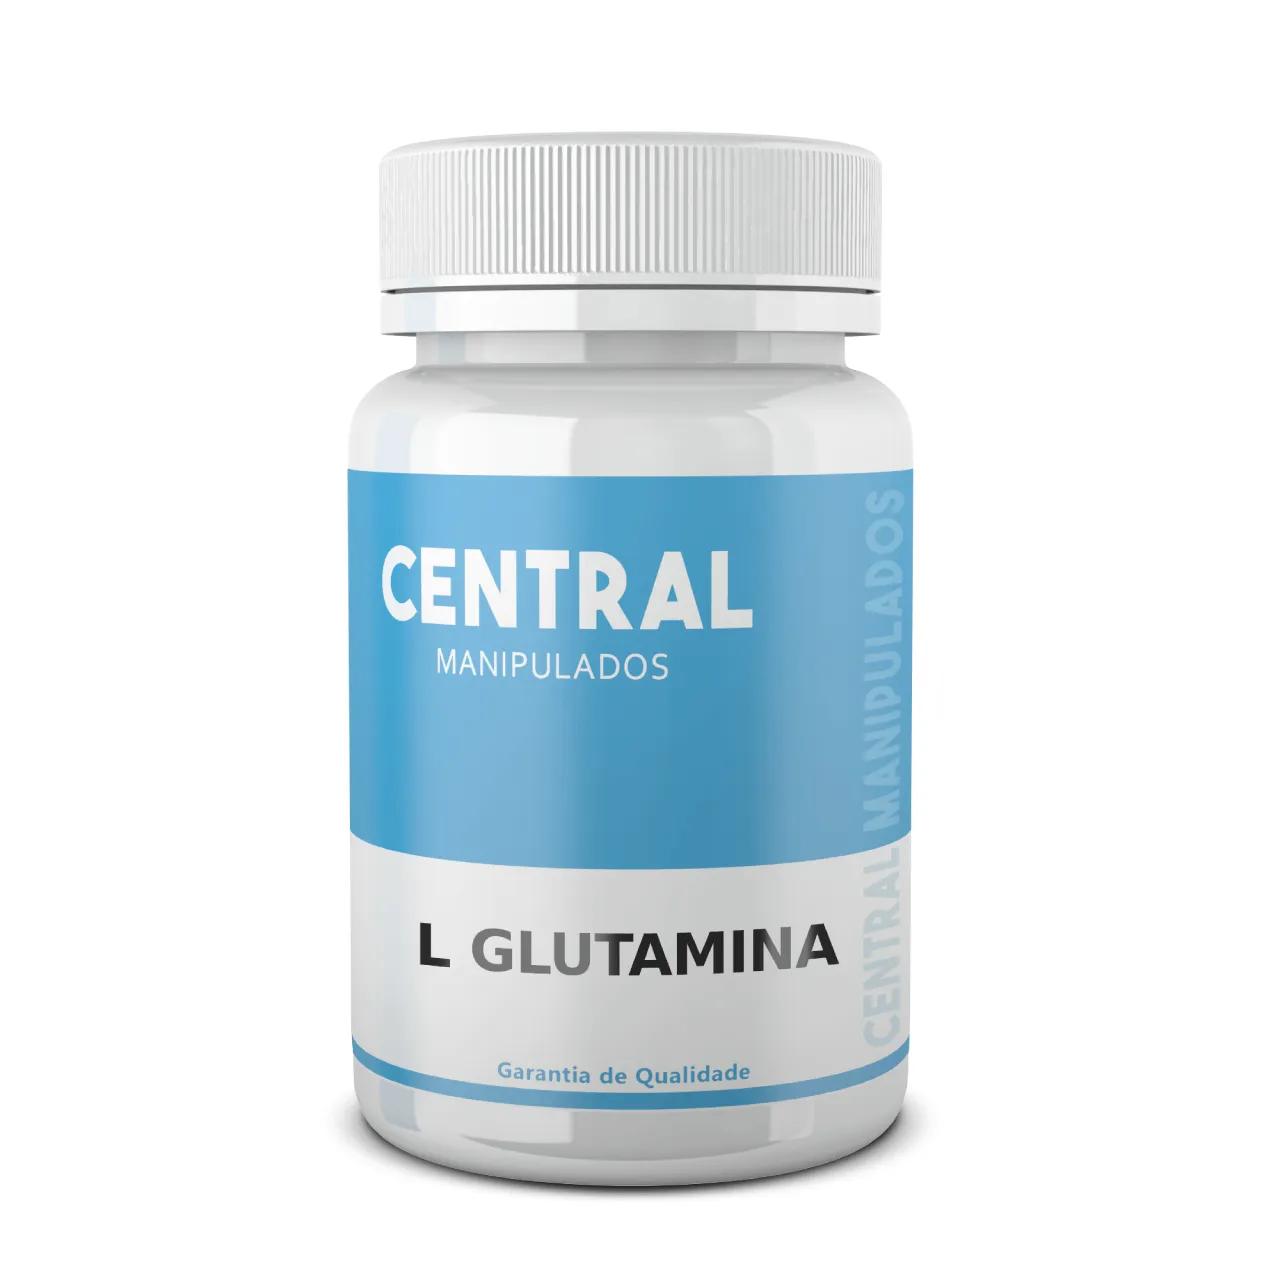 L-glutamina 500mg - 60 cápsulas - Suplemento para prática esportiva, Imunidade, Desintoxicação corporal, Regulador Hormonal